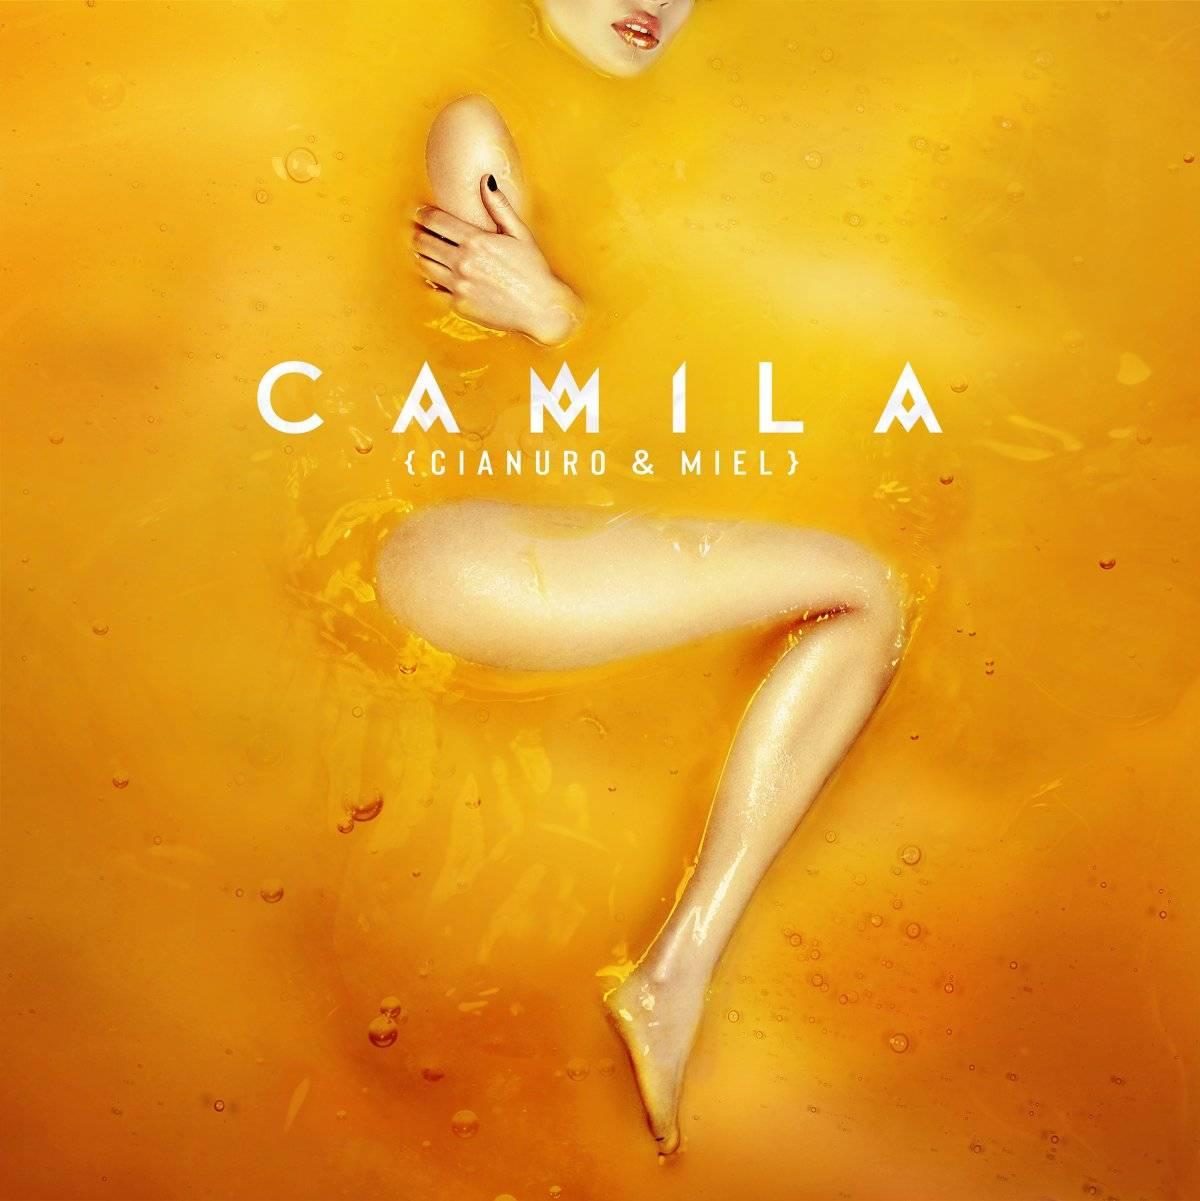 Camila regresa con Cianuro y Miel, su nuevo y atrevido single sin llegar a reggaetón Cortesía